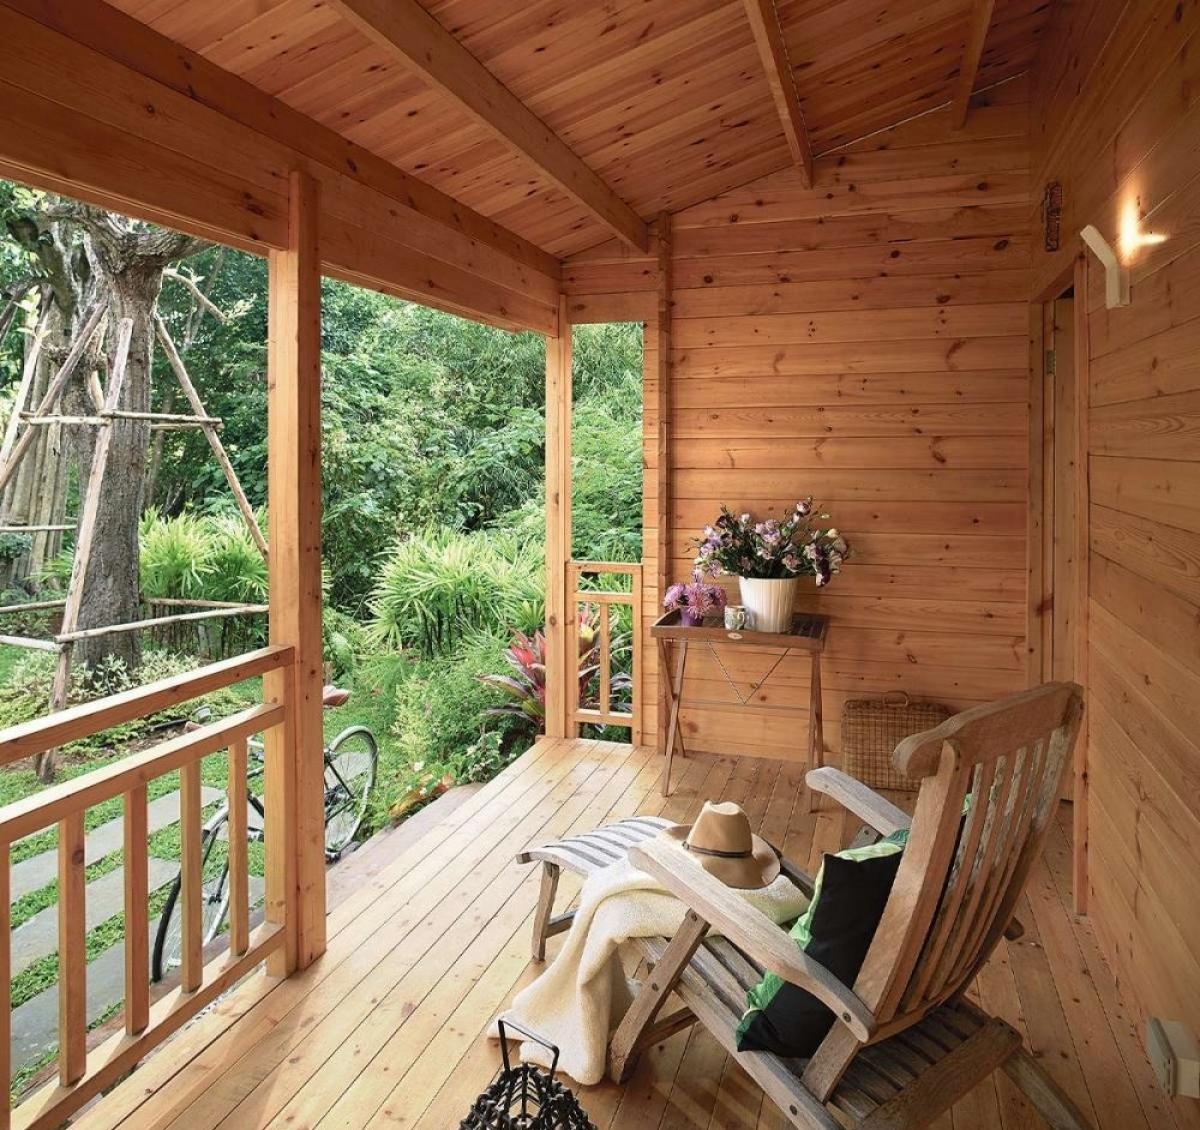 Ngôi nhà nằm giữa rừng cây nên không khí vô cùng dễ chịu.